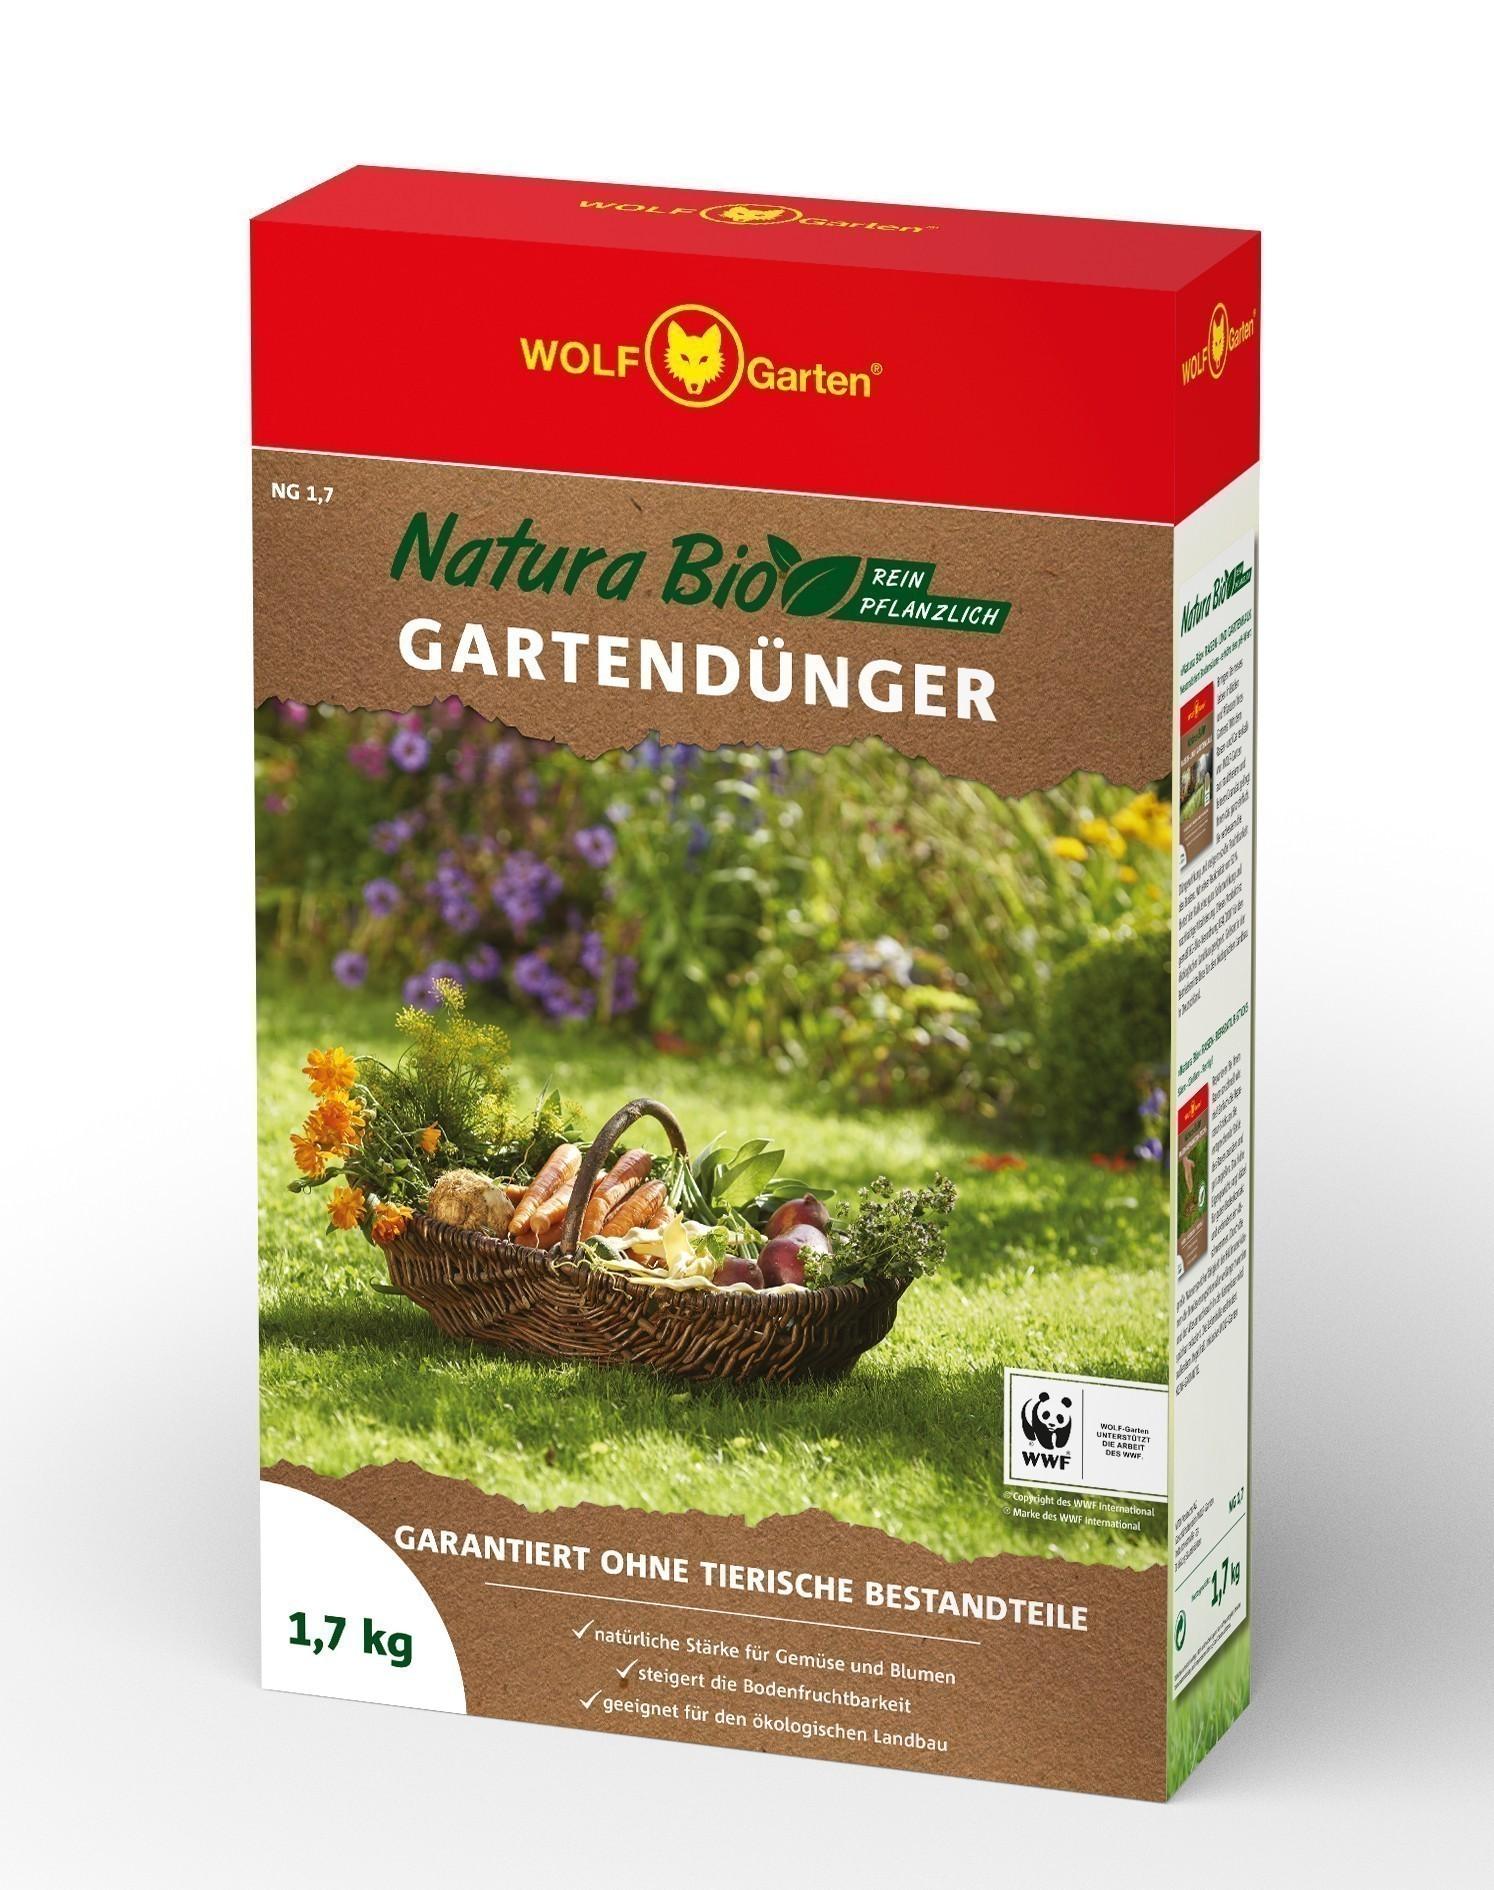 Wolf Garten Natura Bio Gartendünger NG 1,7 für 25 m² Bild 1